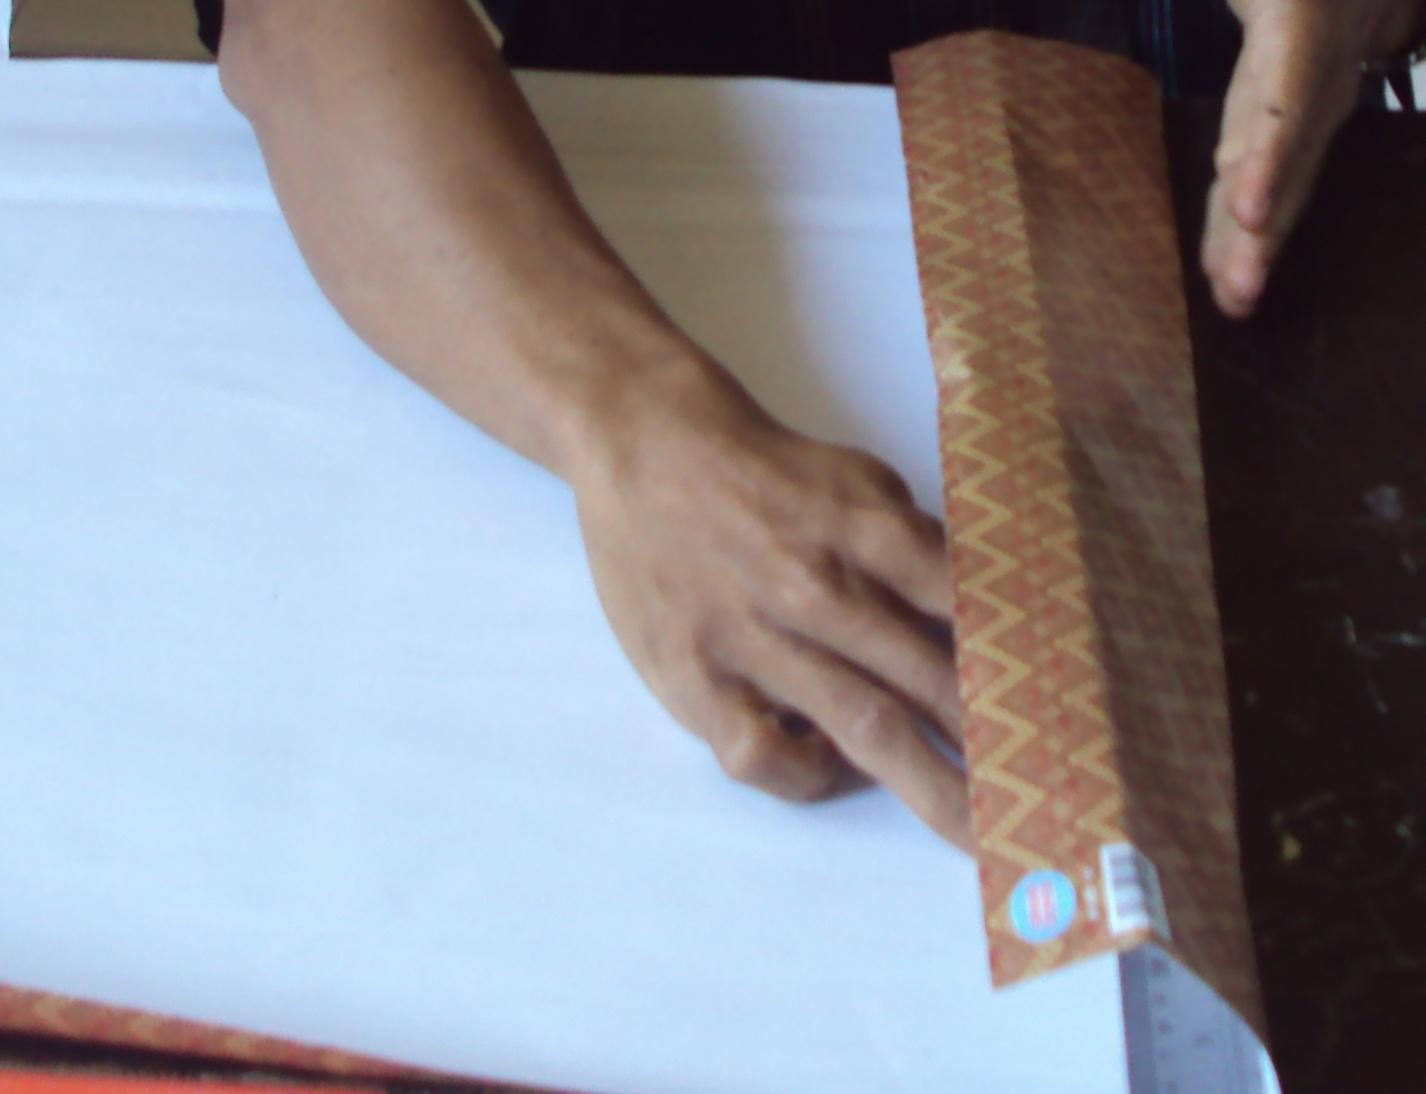 Kreasi Membuat Tas Dari Bahan Kertas Kado | Apps Directories